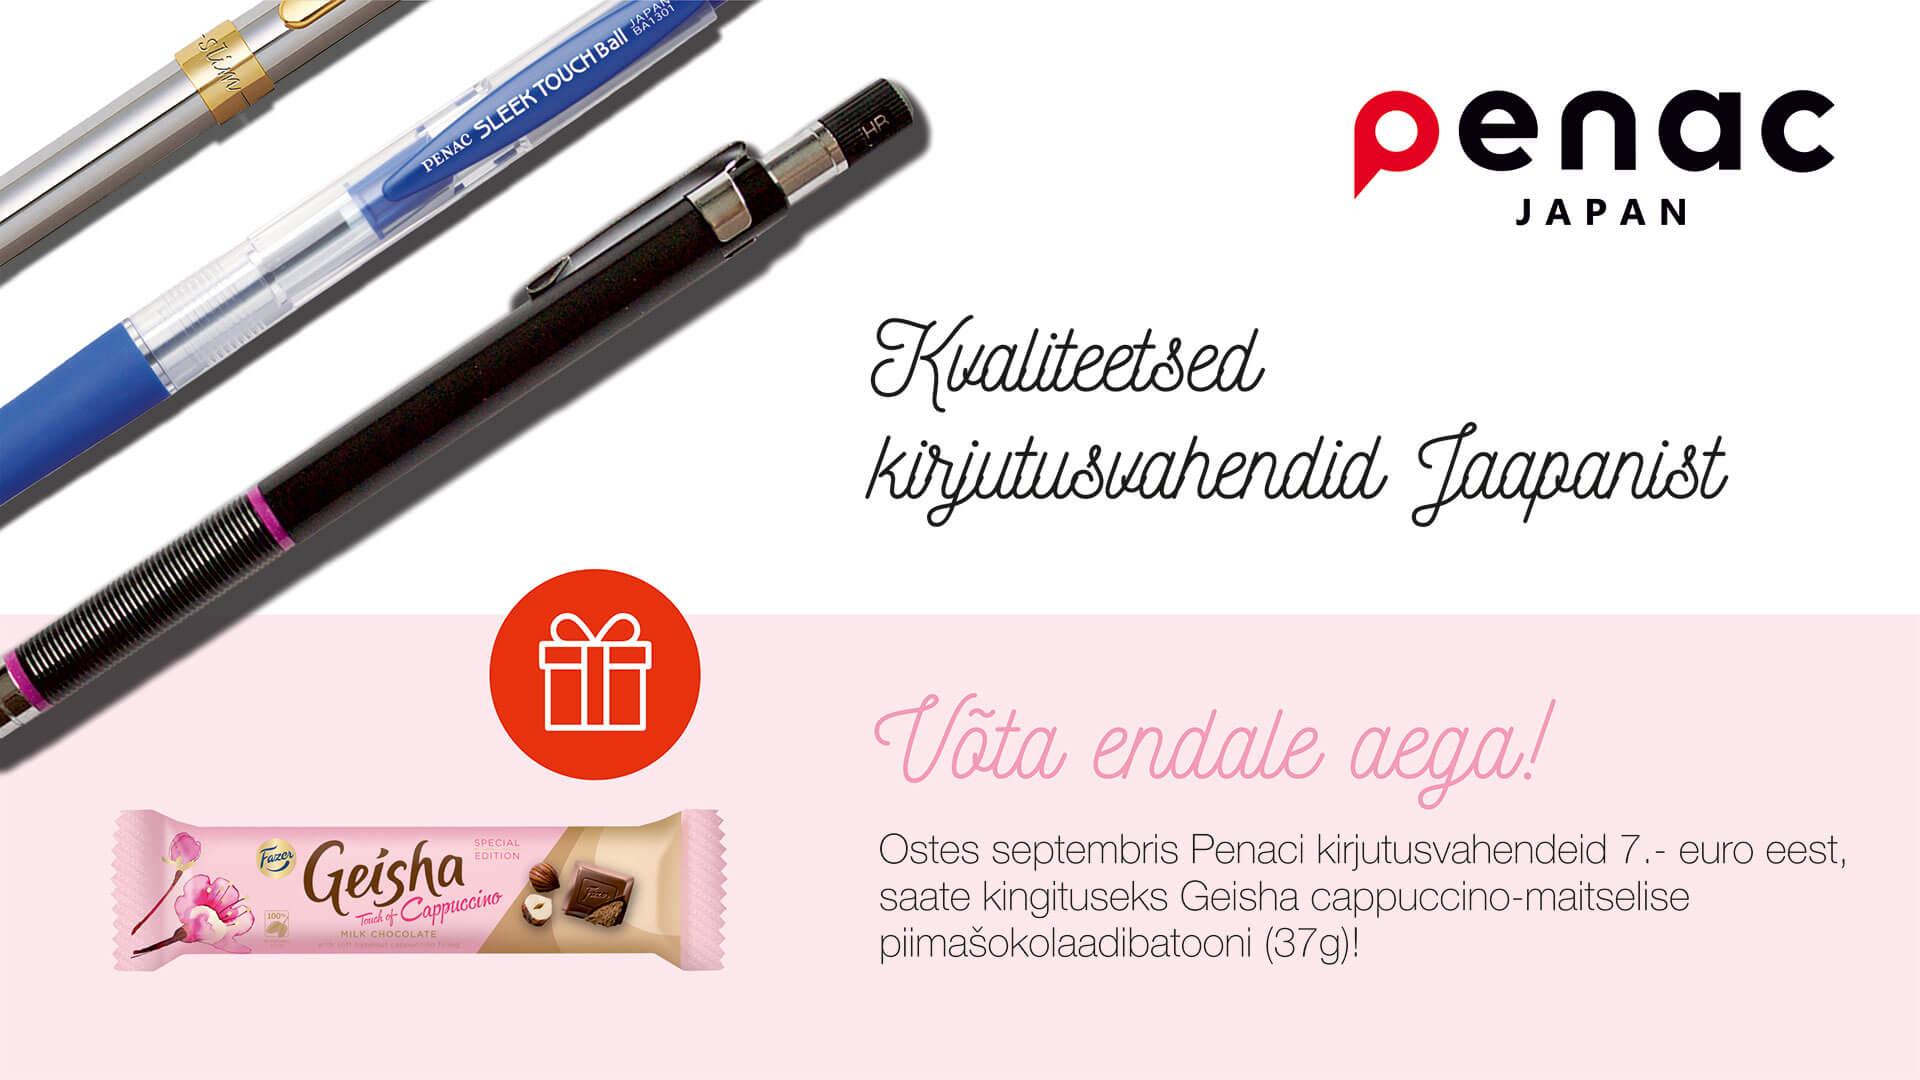 Penac - Võta endale aega